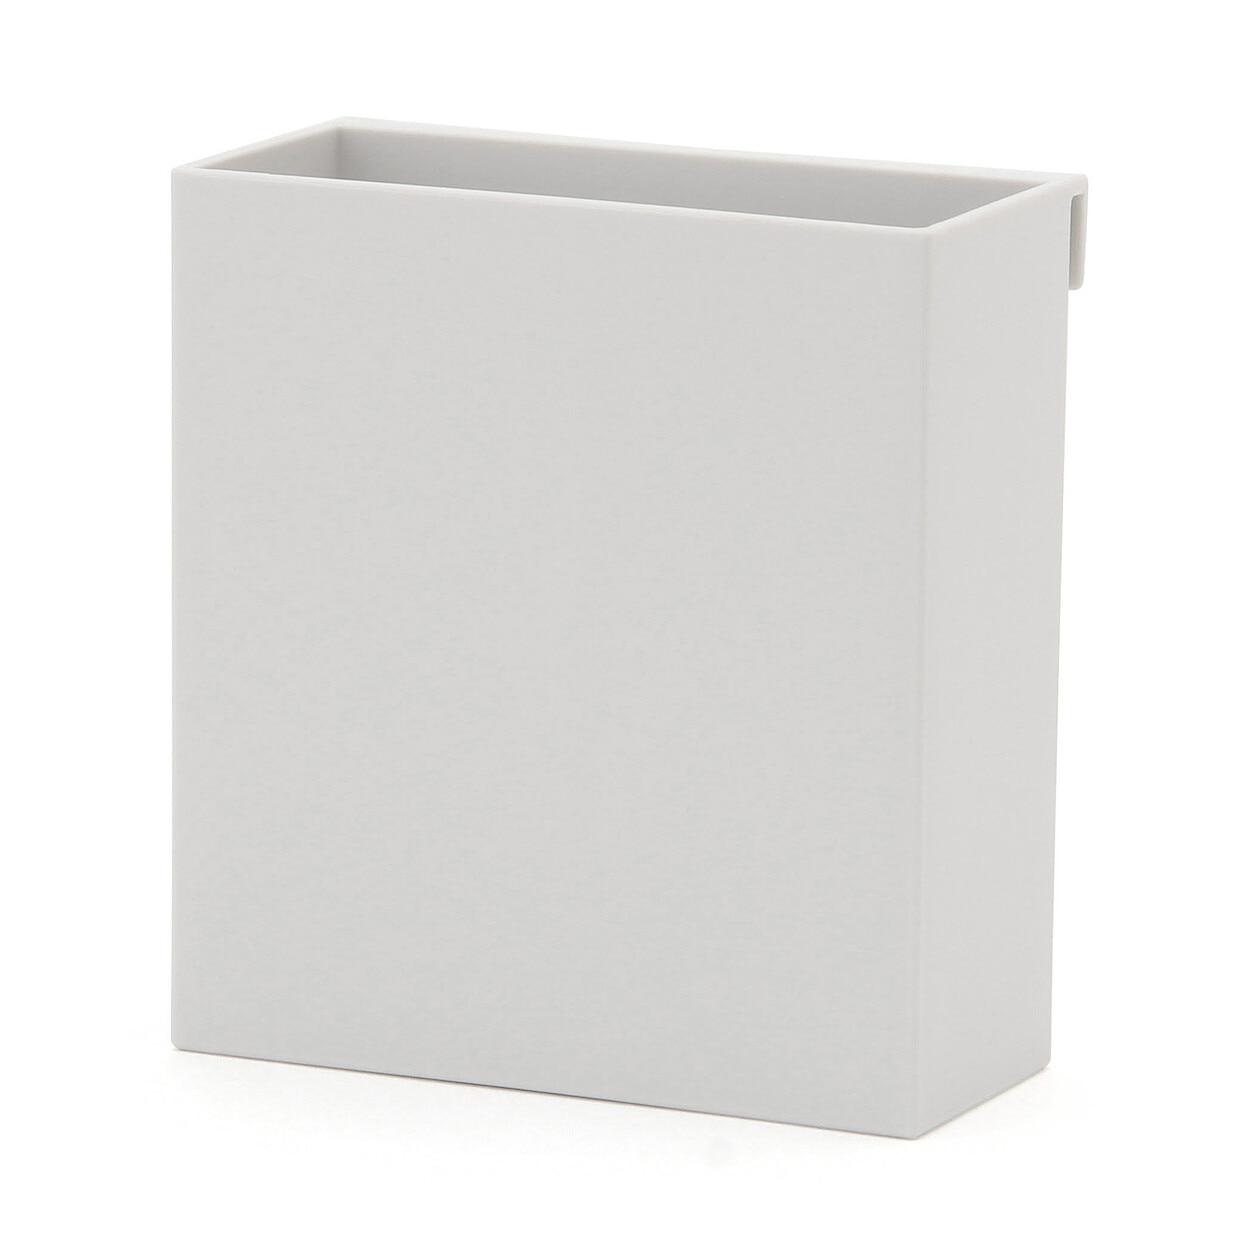 RoomClip商品情報 - ポリプロピレンファイルボックス用・ポケット